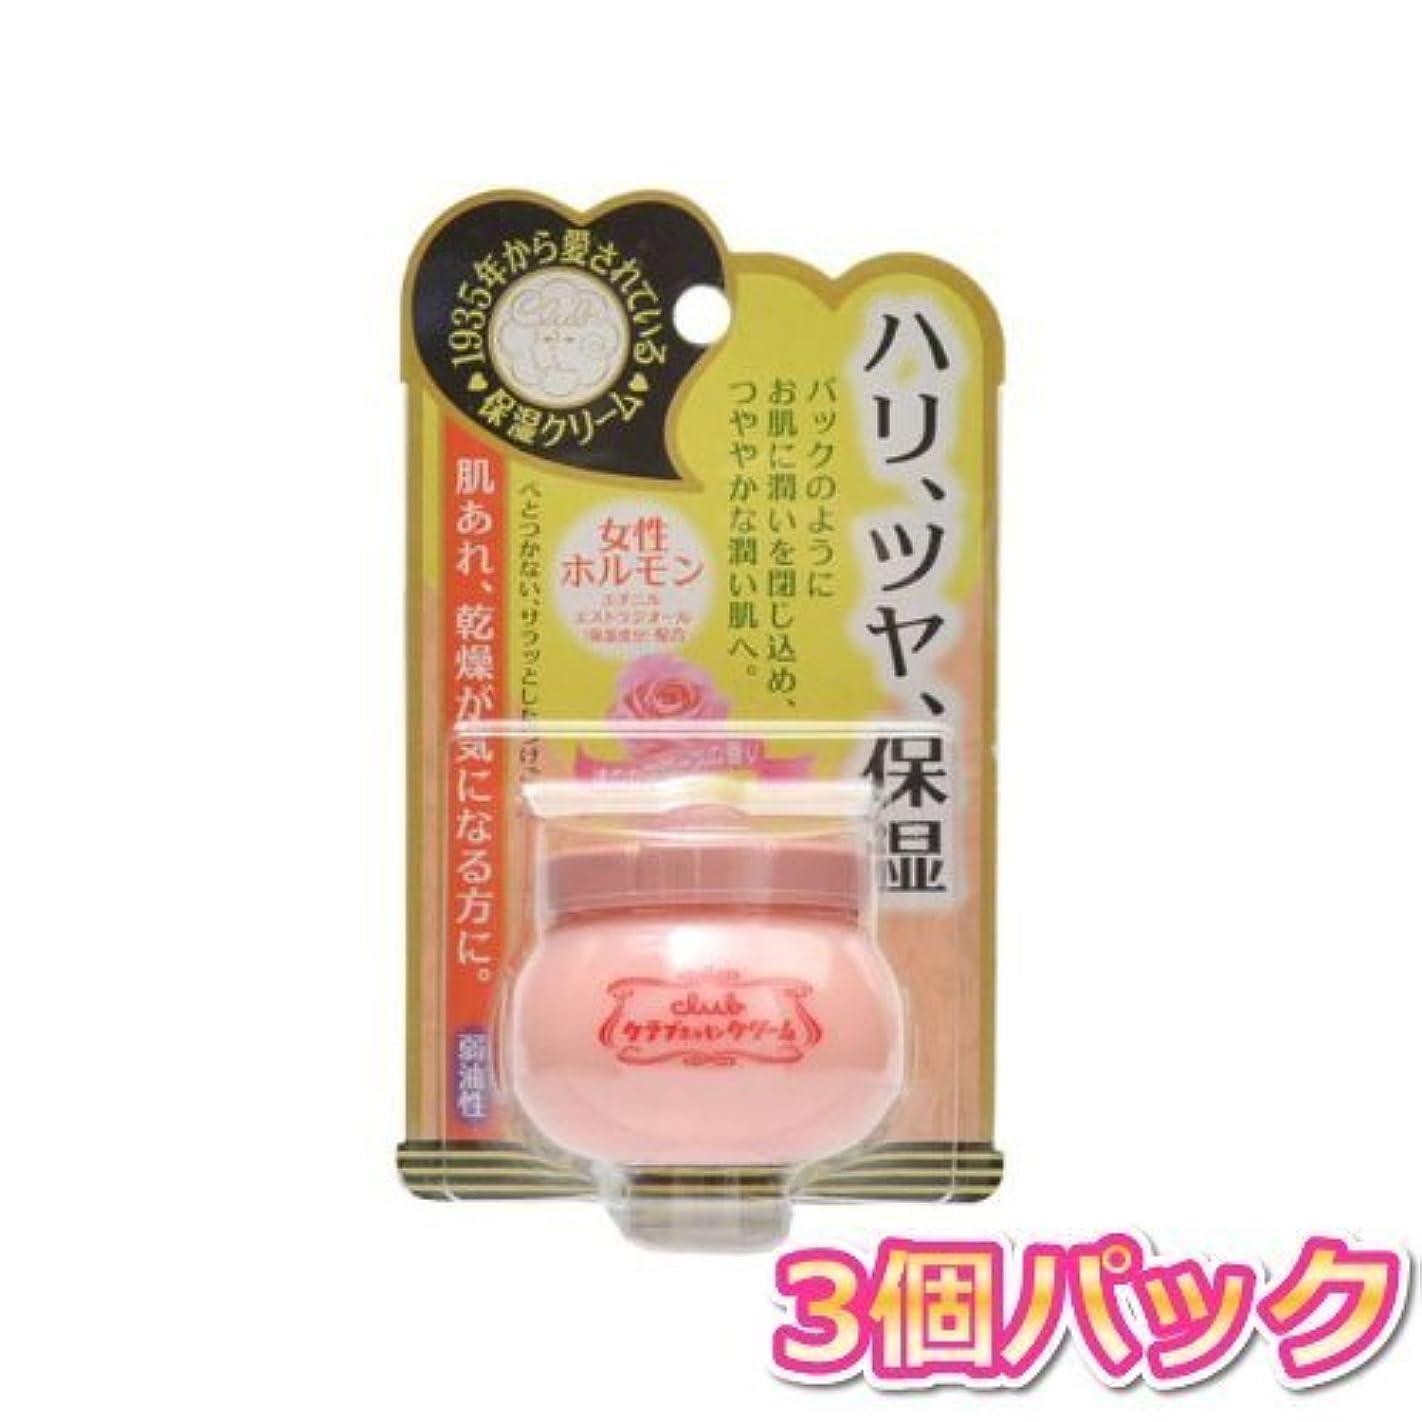 生産性欠員占めるクラブ ホルモンクリーム (微香性) 60g ローズの香り 3個パック